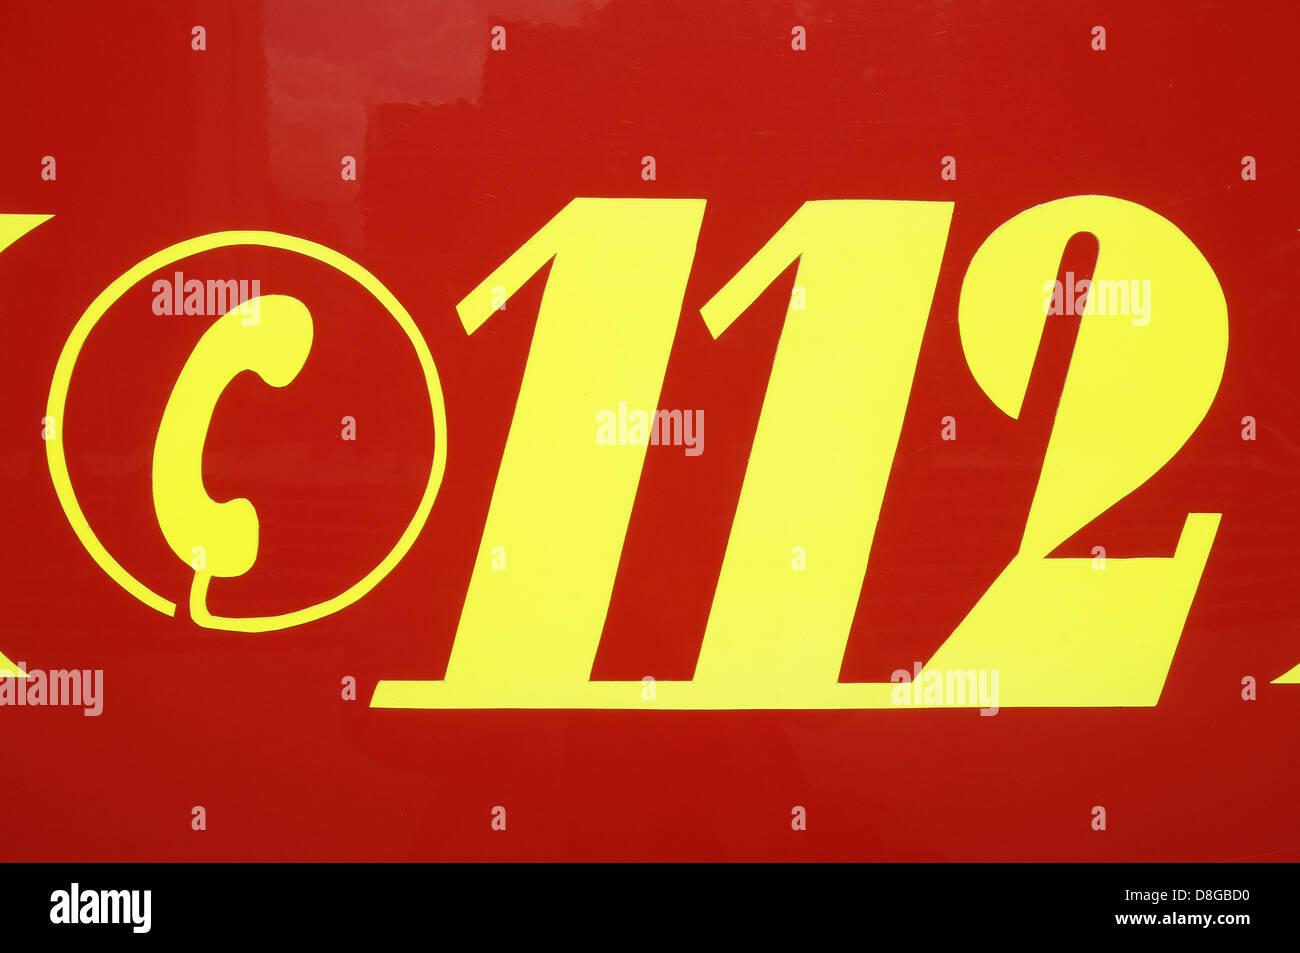 German 112 emergency number - Stock Image